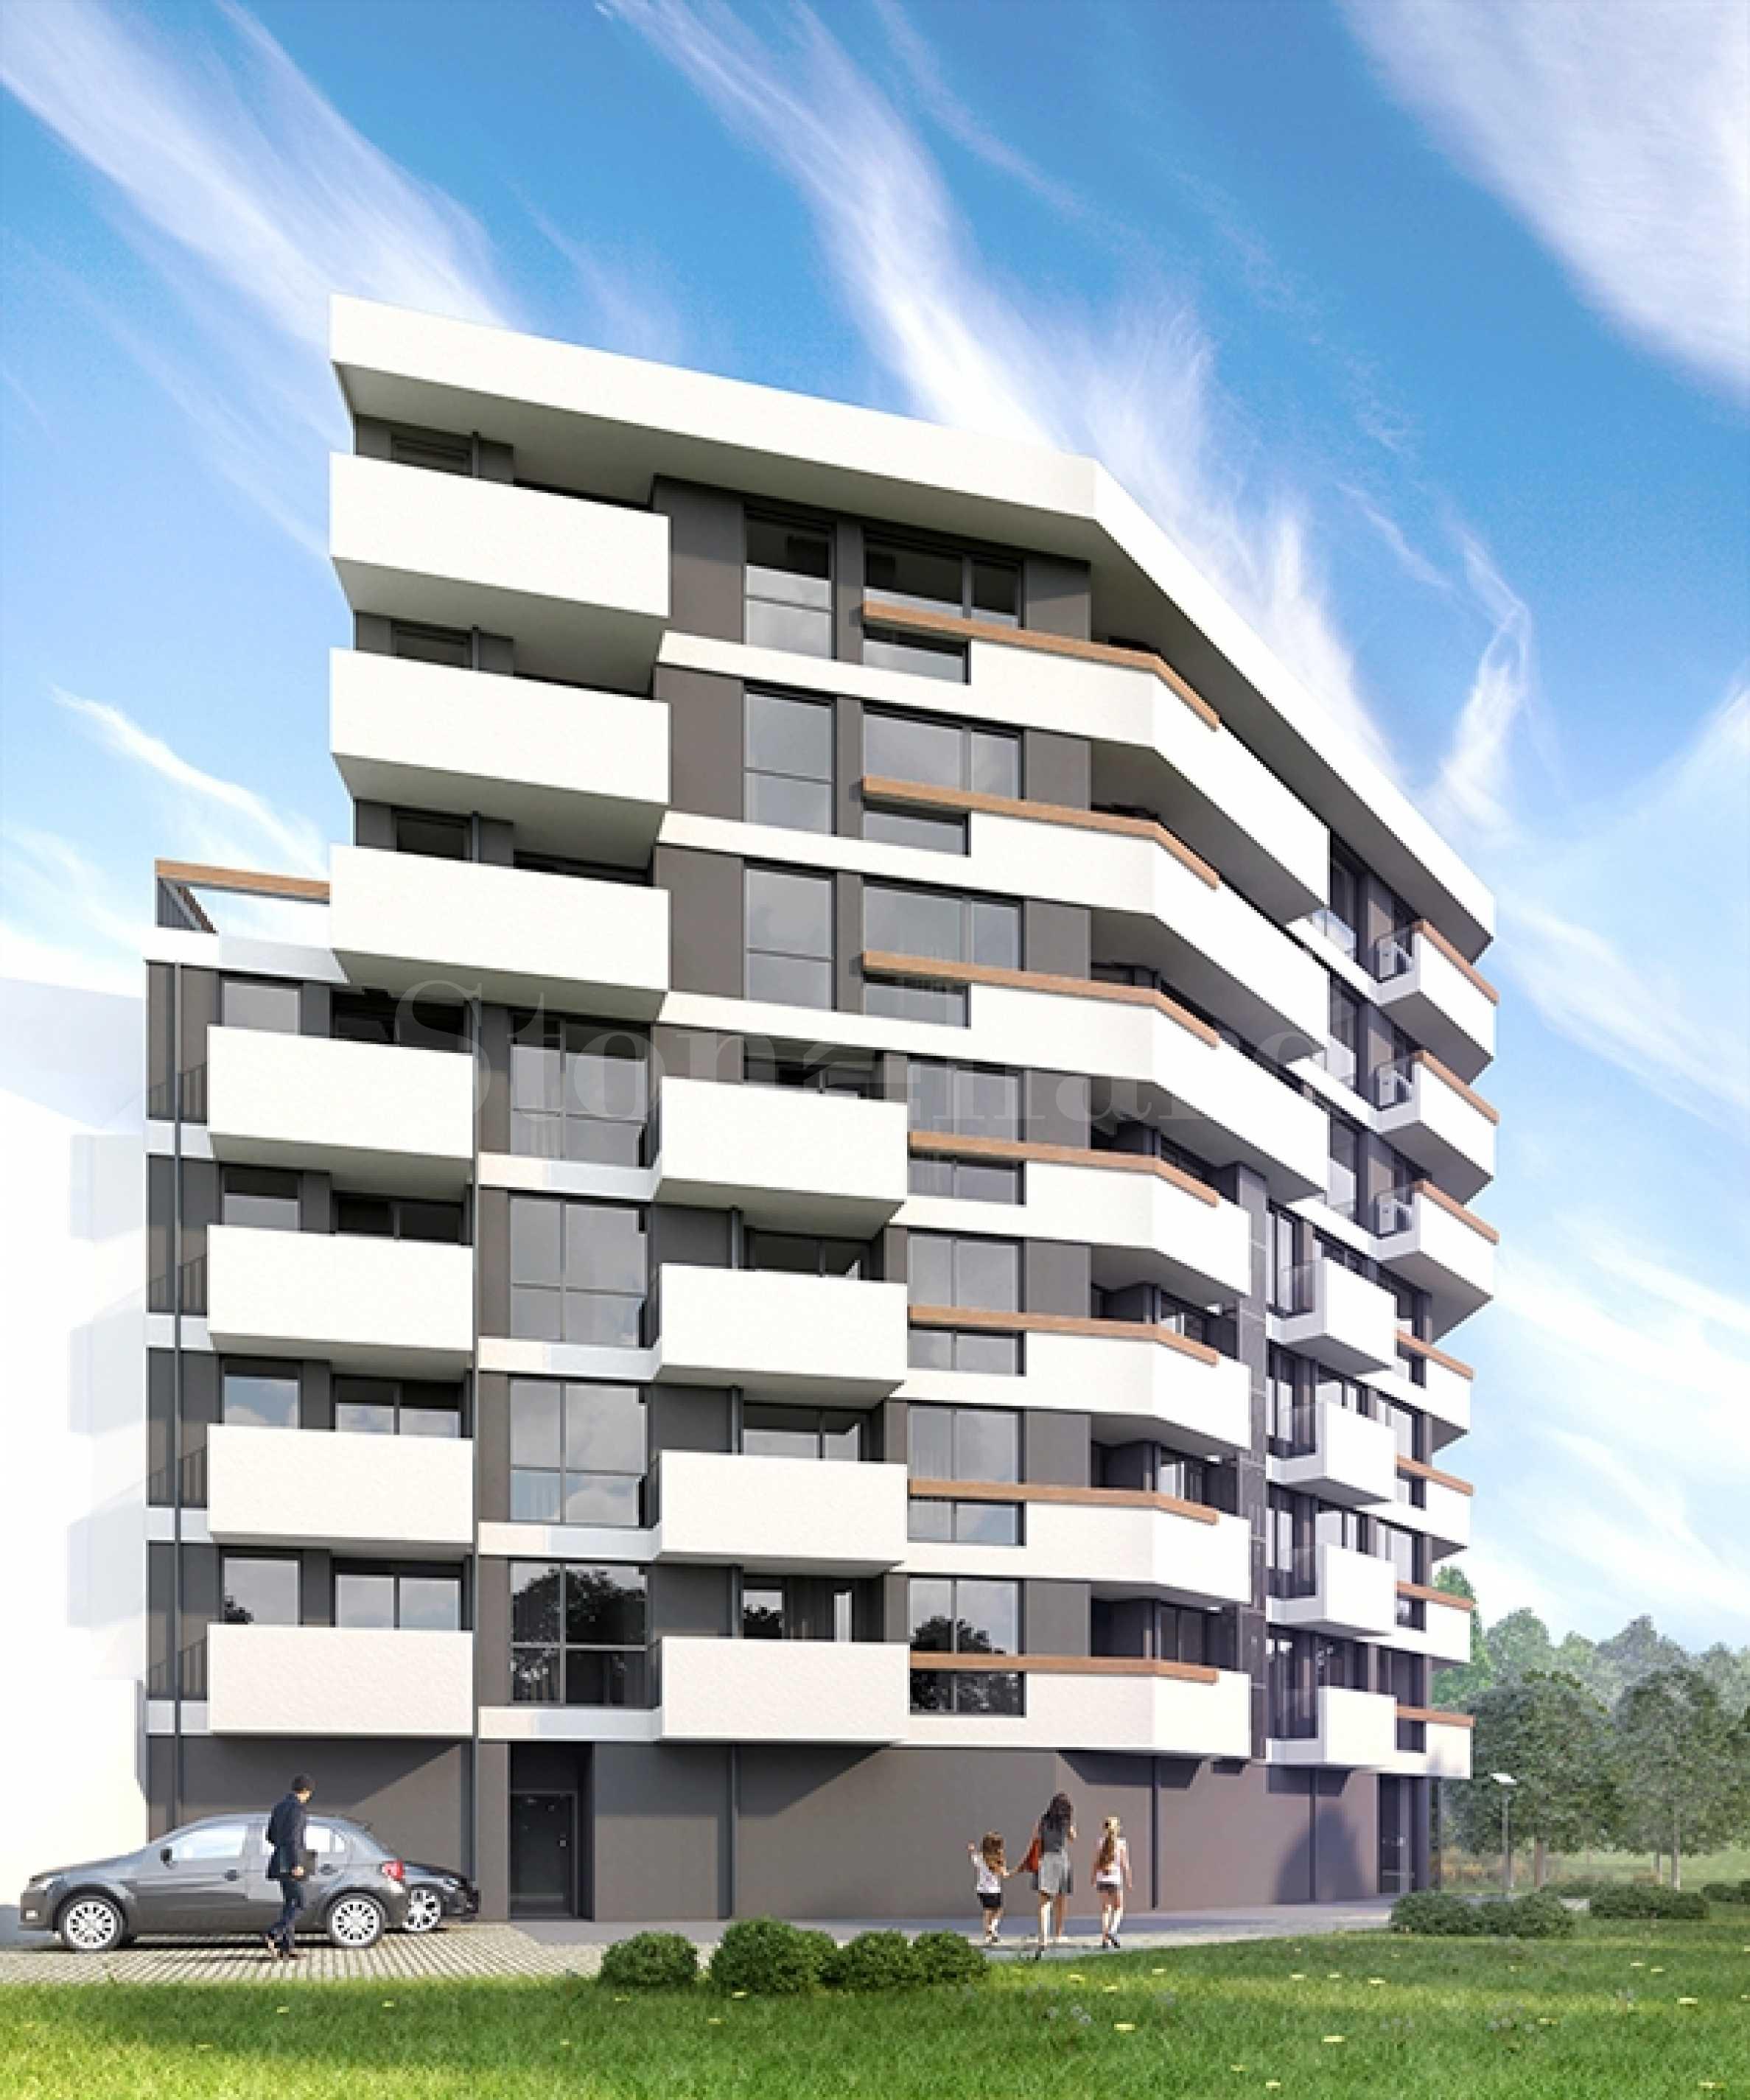 Нов жилищен комплекс в кв. Изгрев, гр. Варна2 - Stonehard